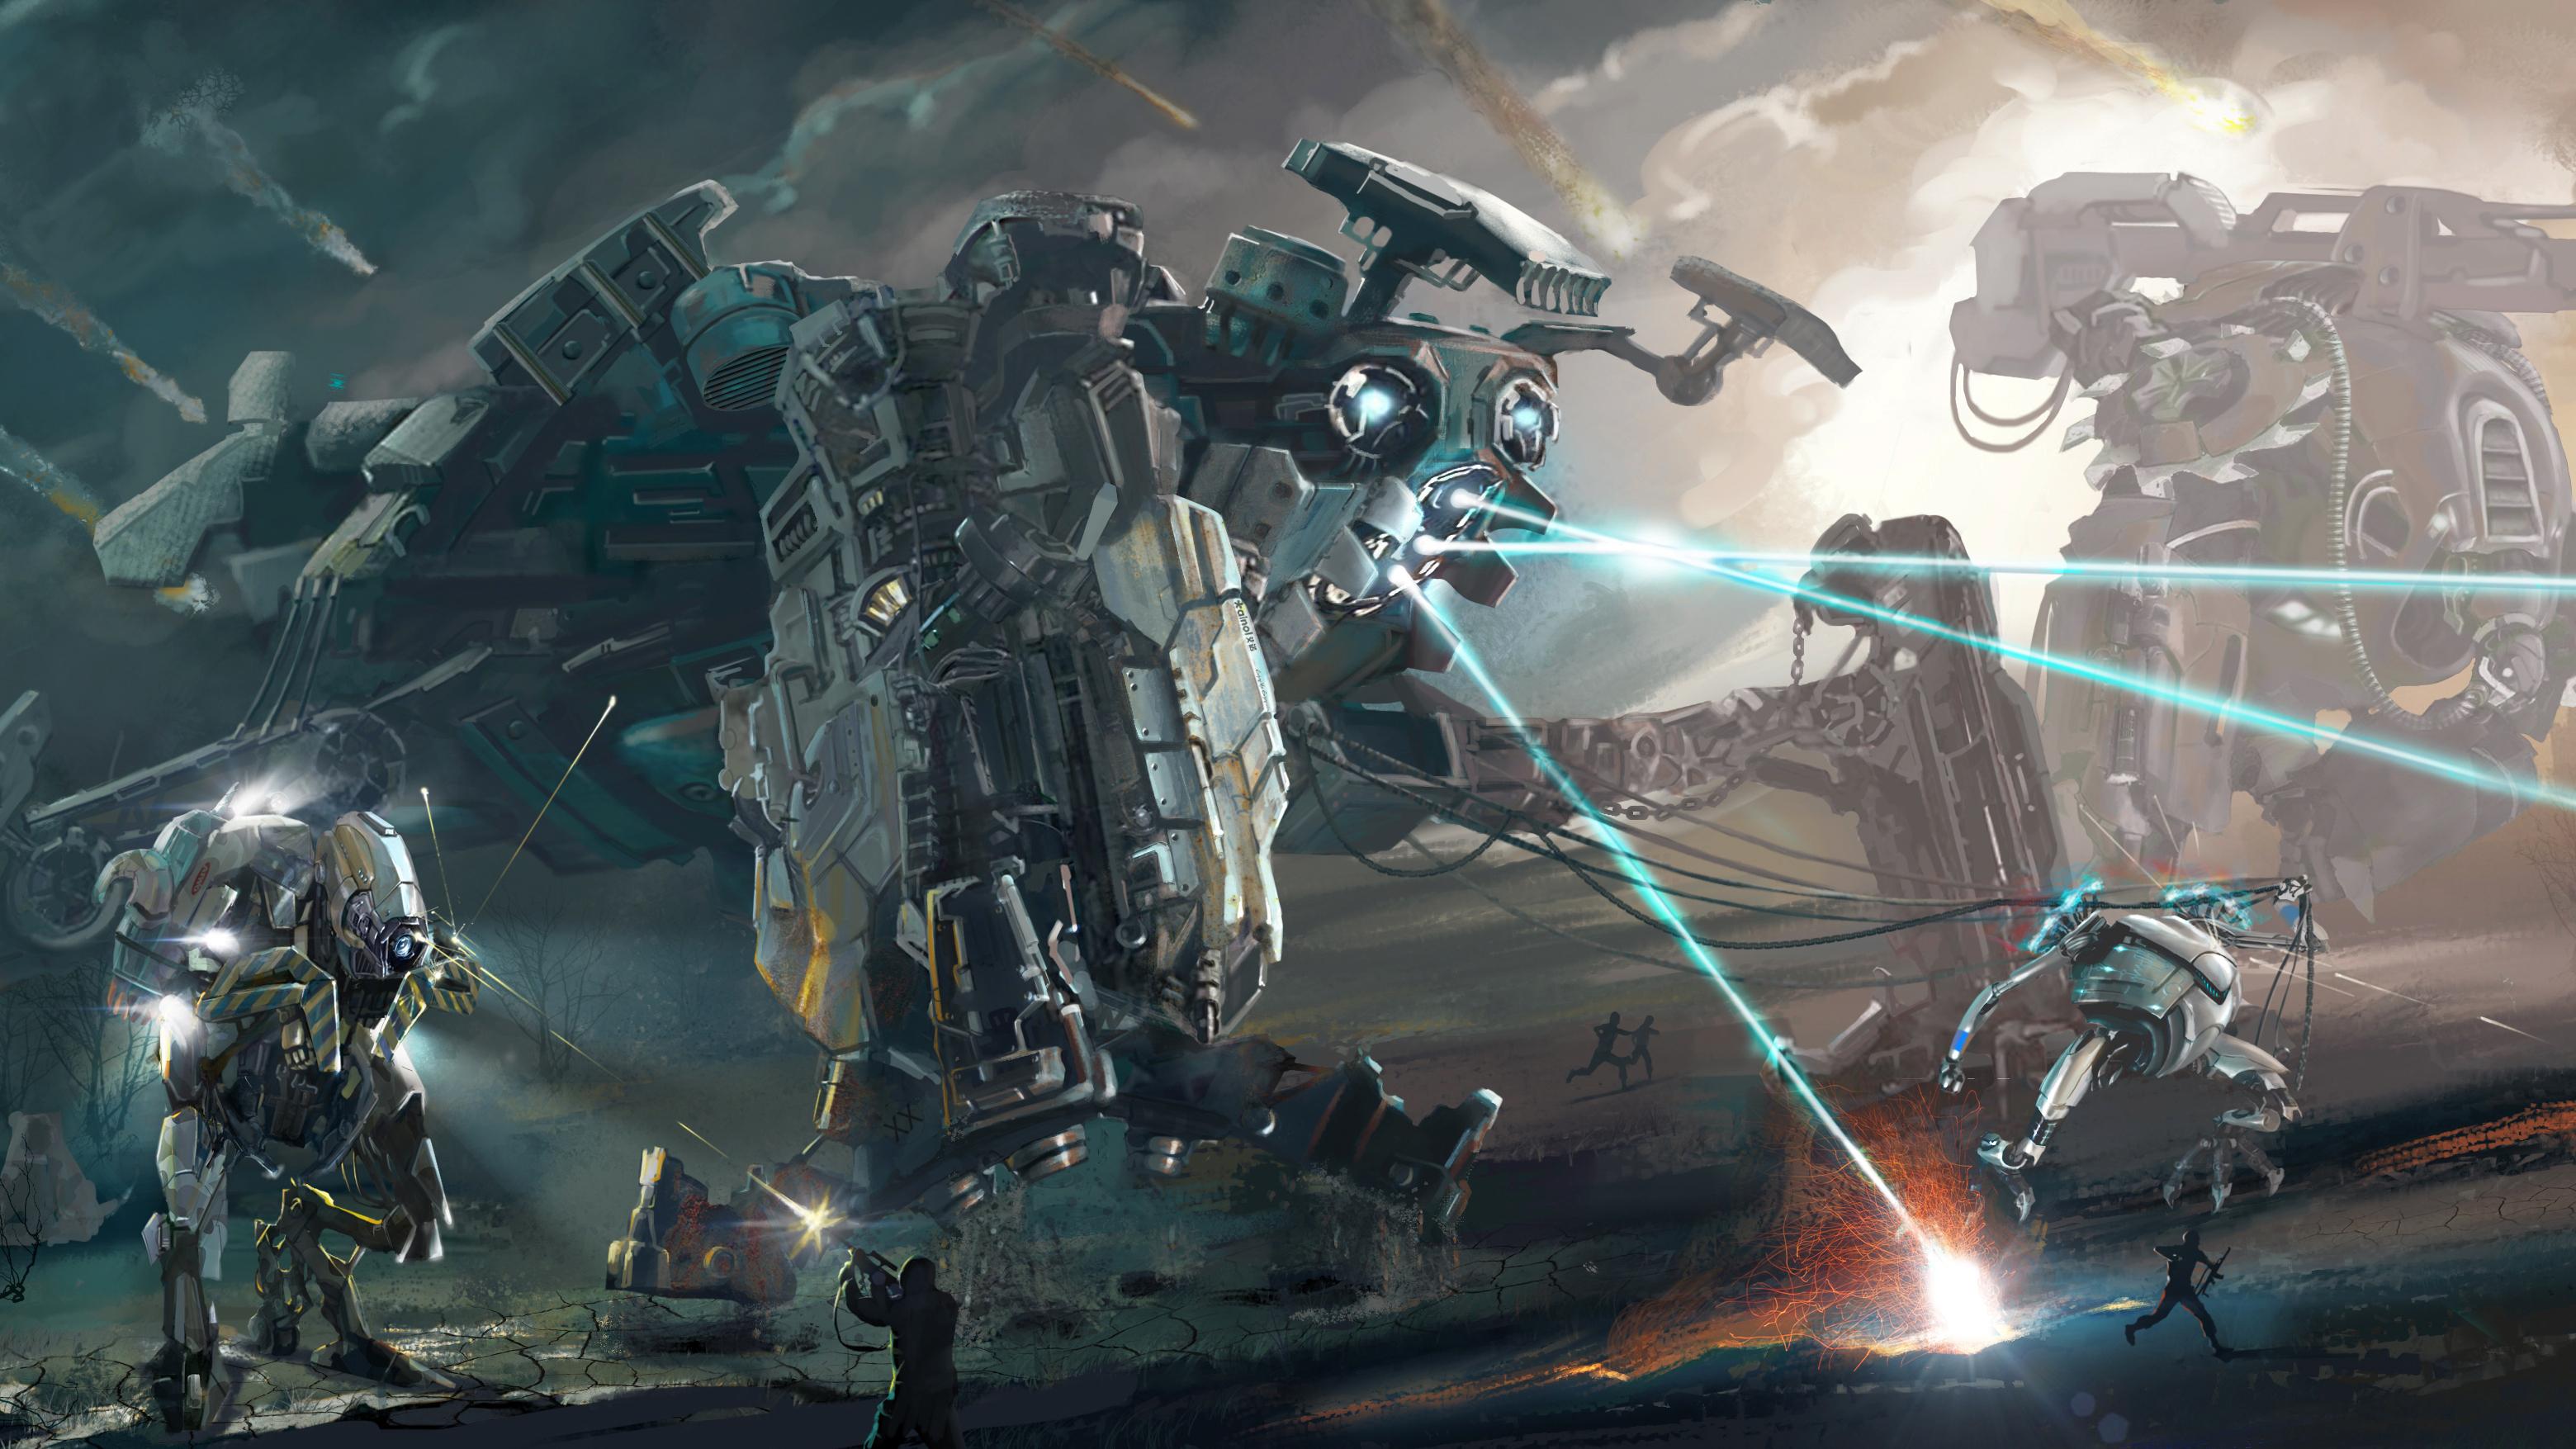 Spaceship Battle Wallpaper Mecha Battle Wallpaper